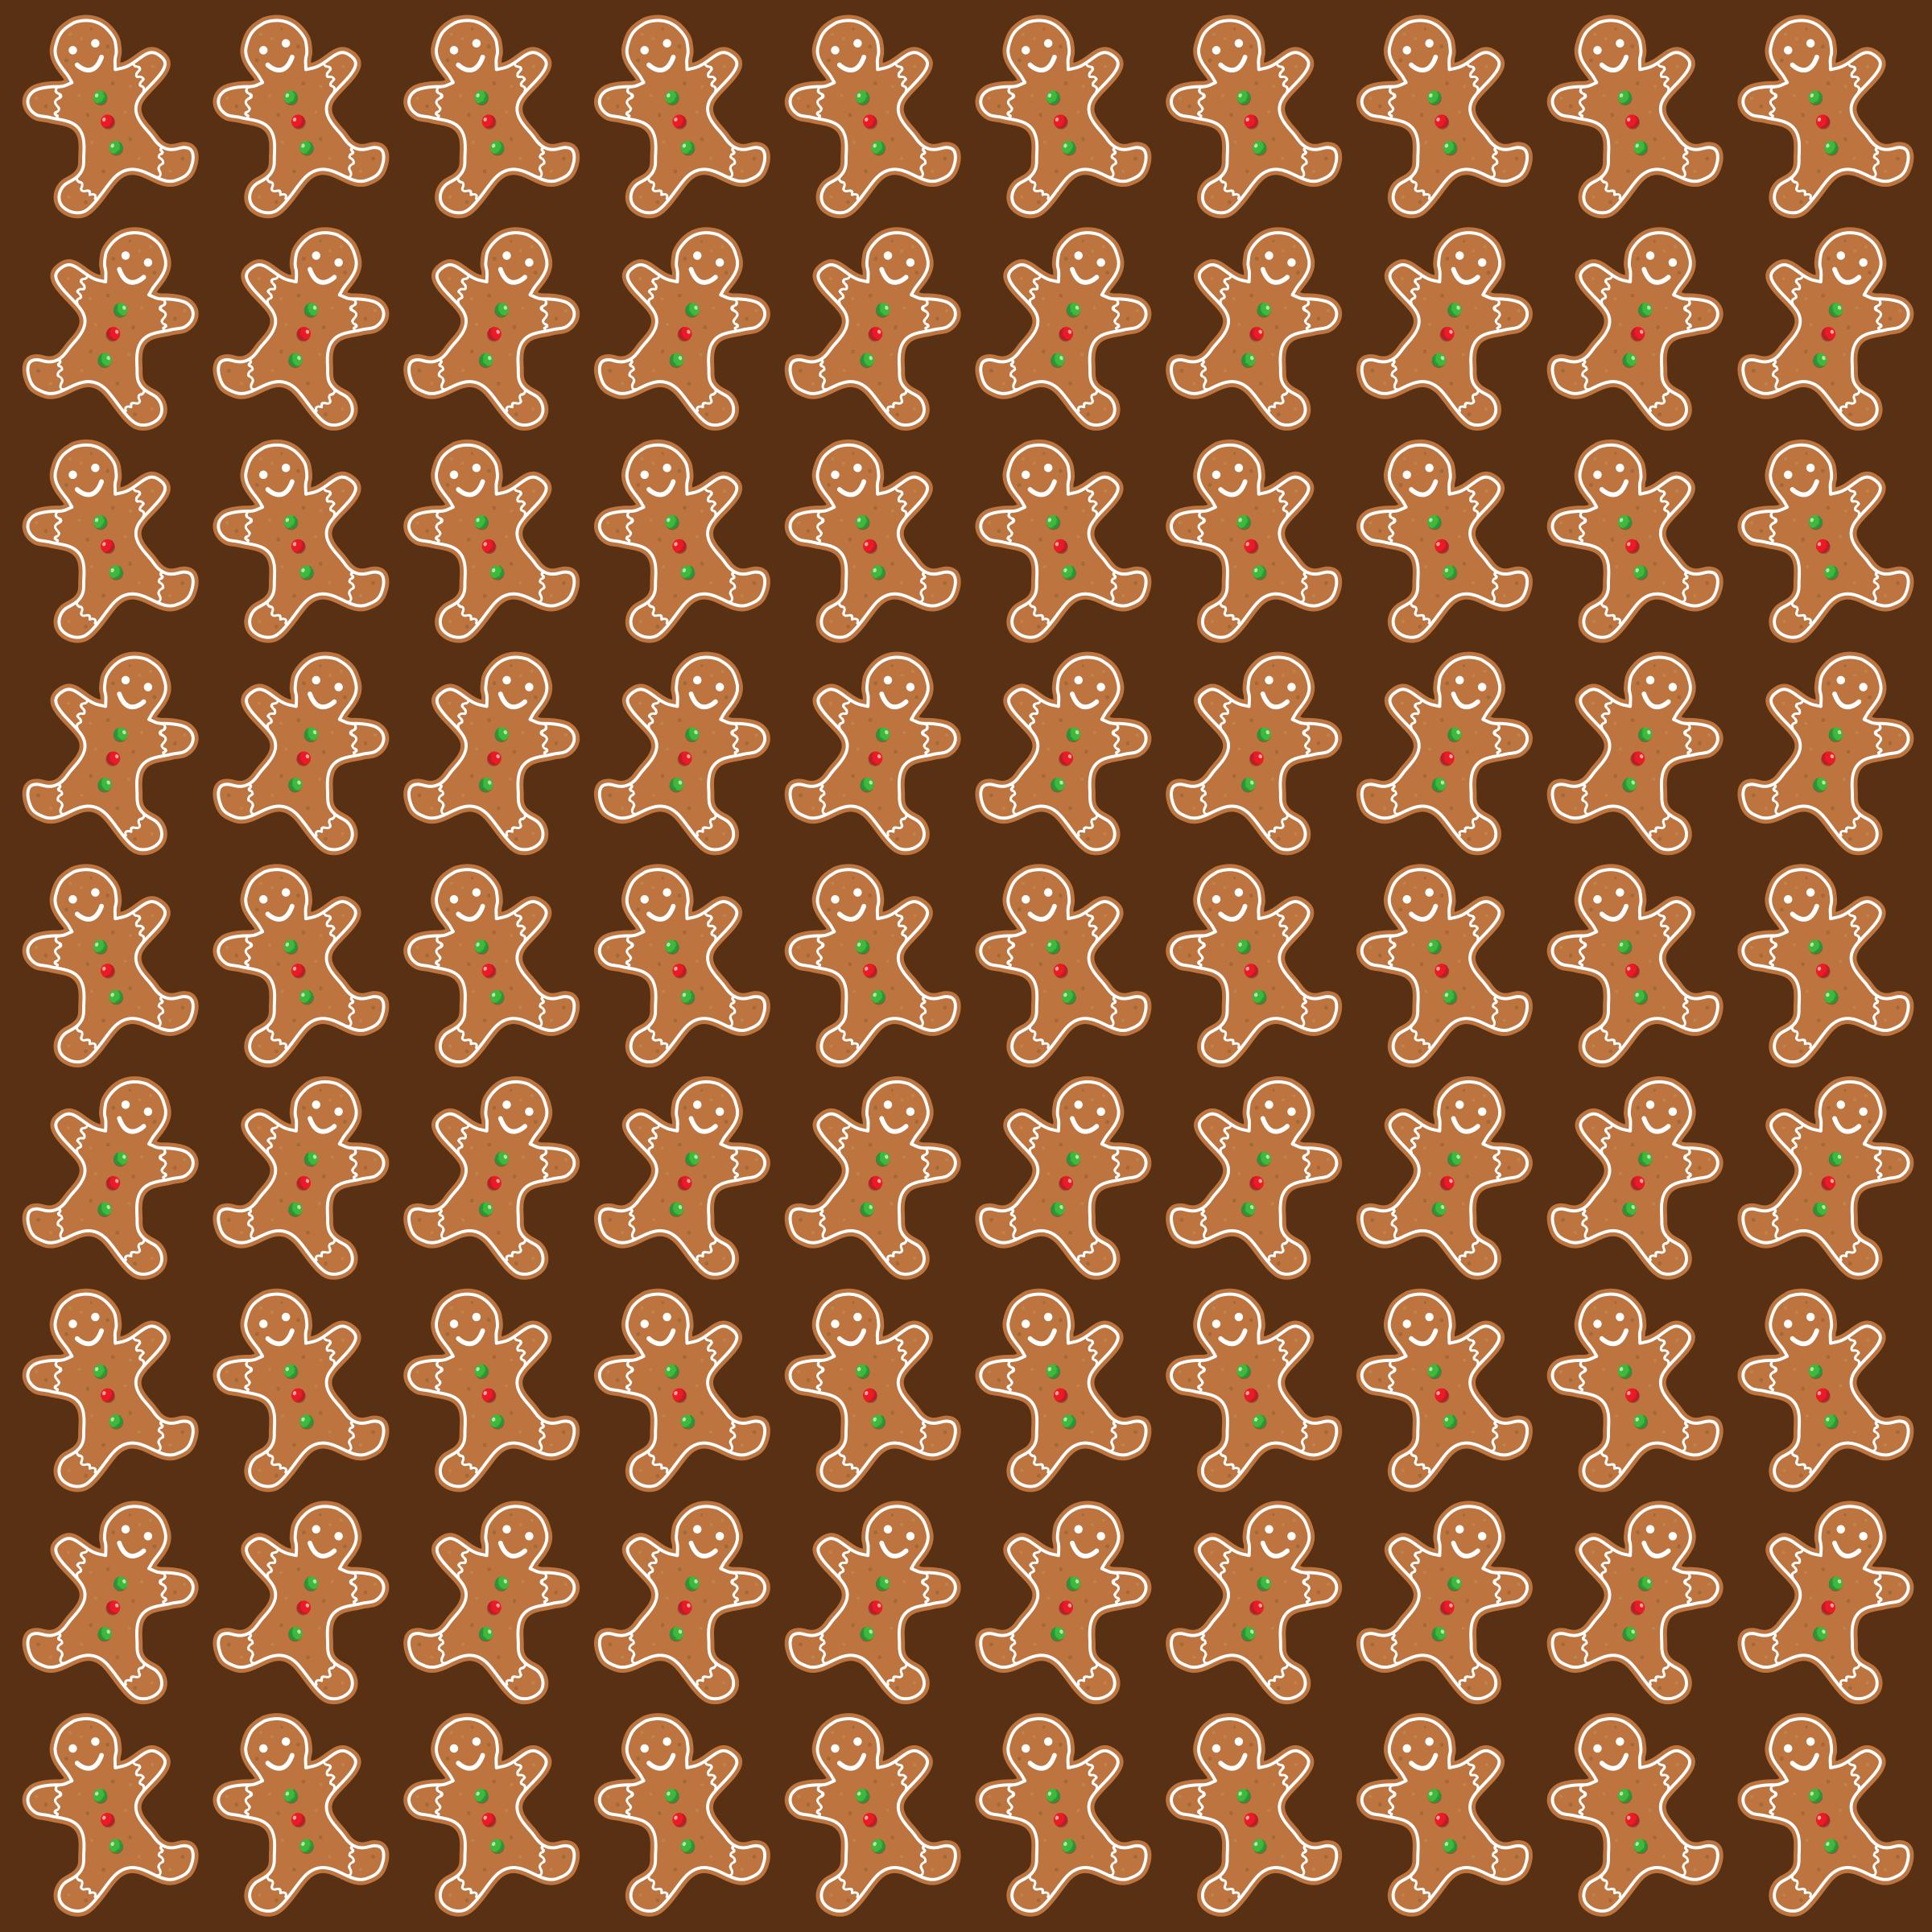 gingerbread-men-brown-1